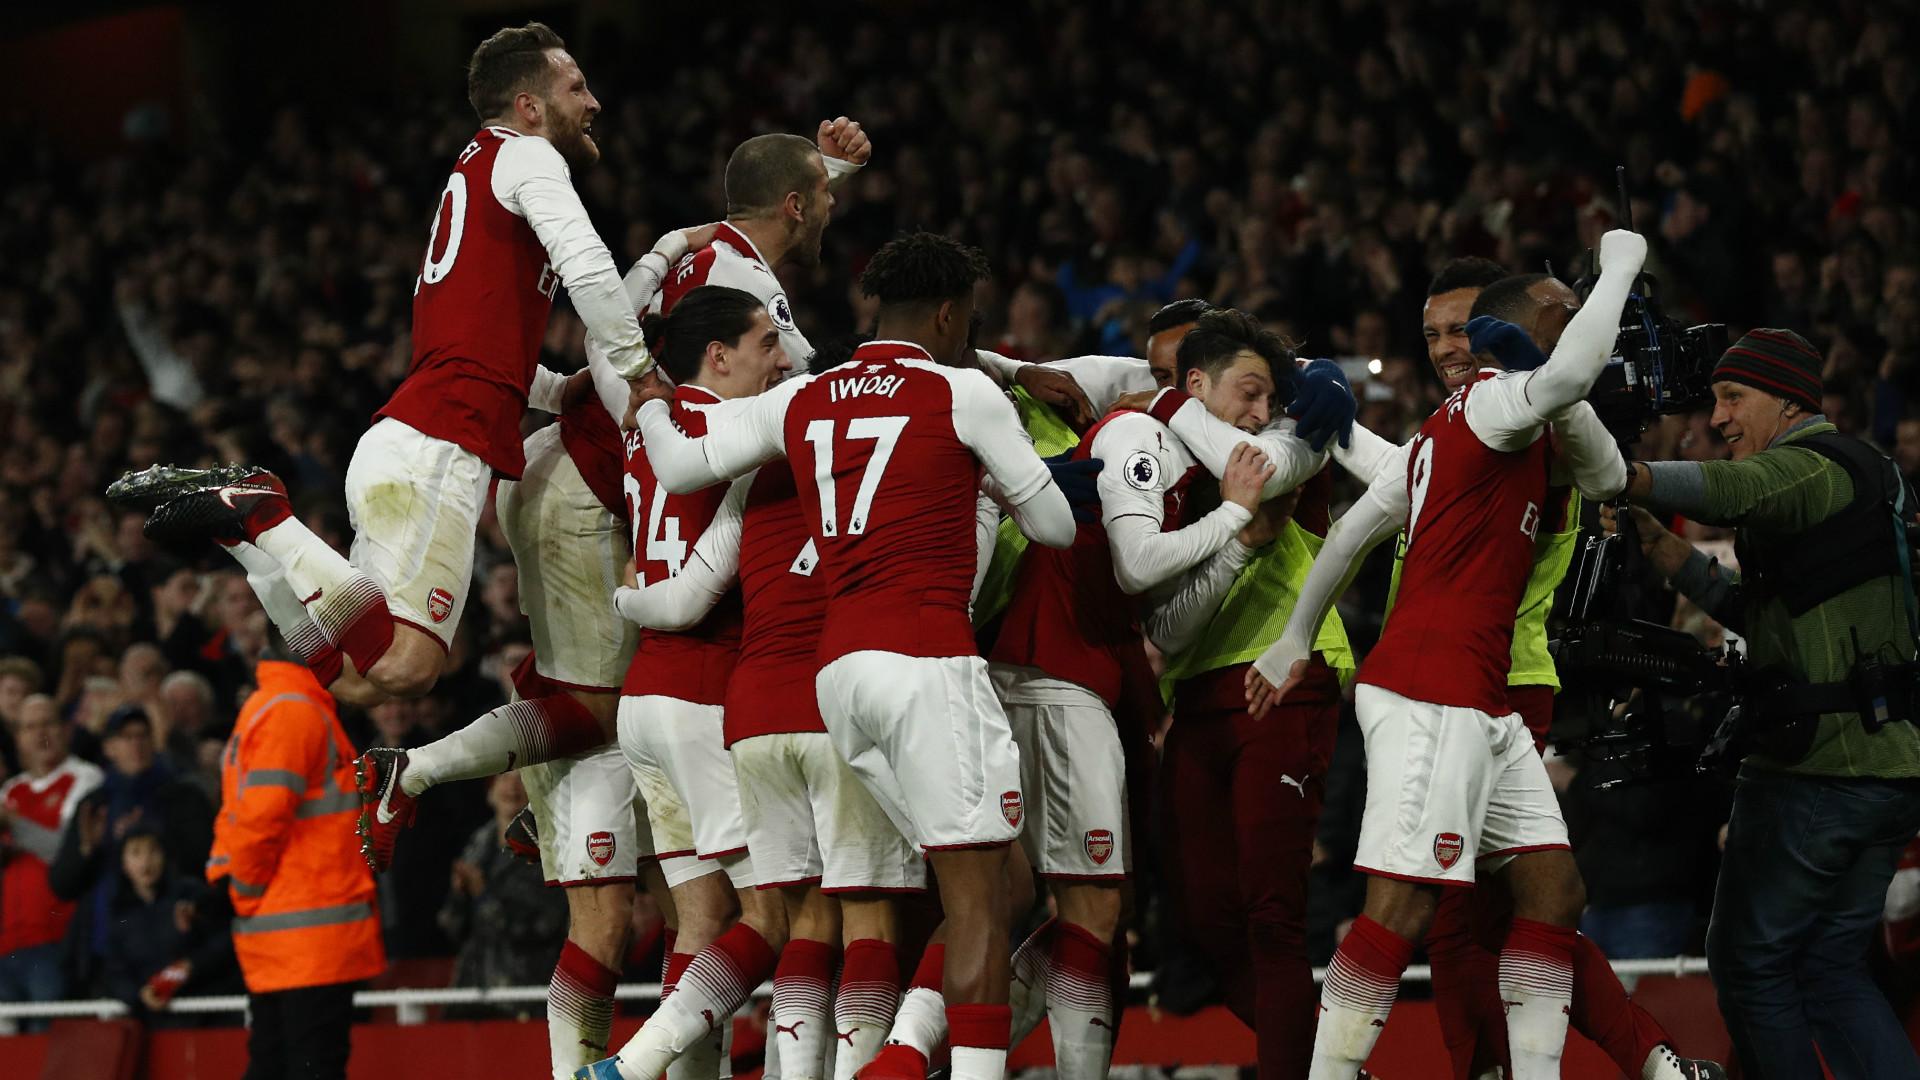 Góc HLV Nguyễn Văn Sỹ: Cả Premier League dừng bước, Man City vẫn chạy - Bóng Đá